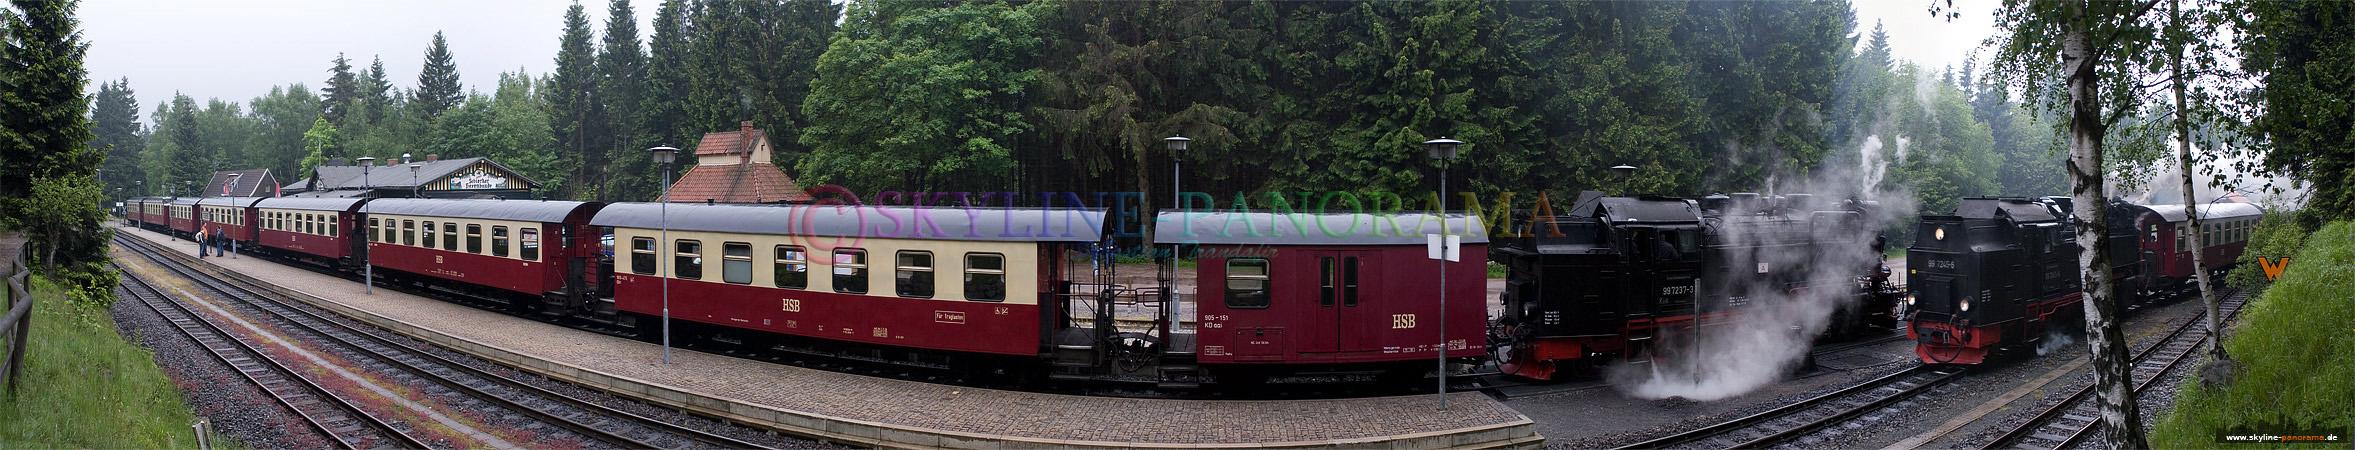 Bahnhof Schierke mit der einfahrenden Brockenbahn und einem stehenden Zug der auf die Weiterfahrt auf den Berg wartet.